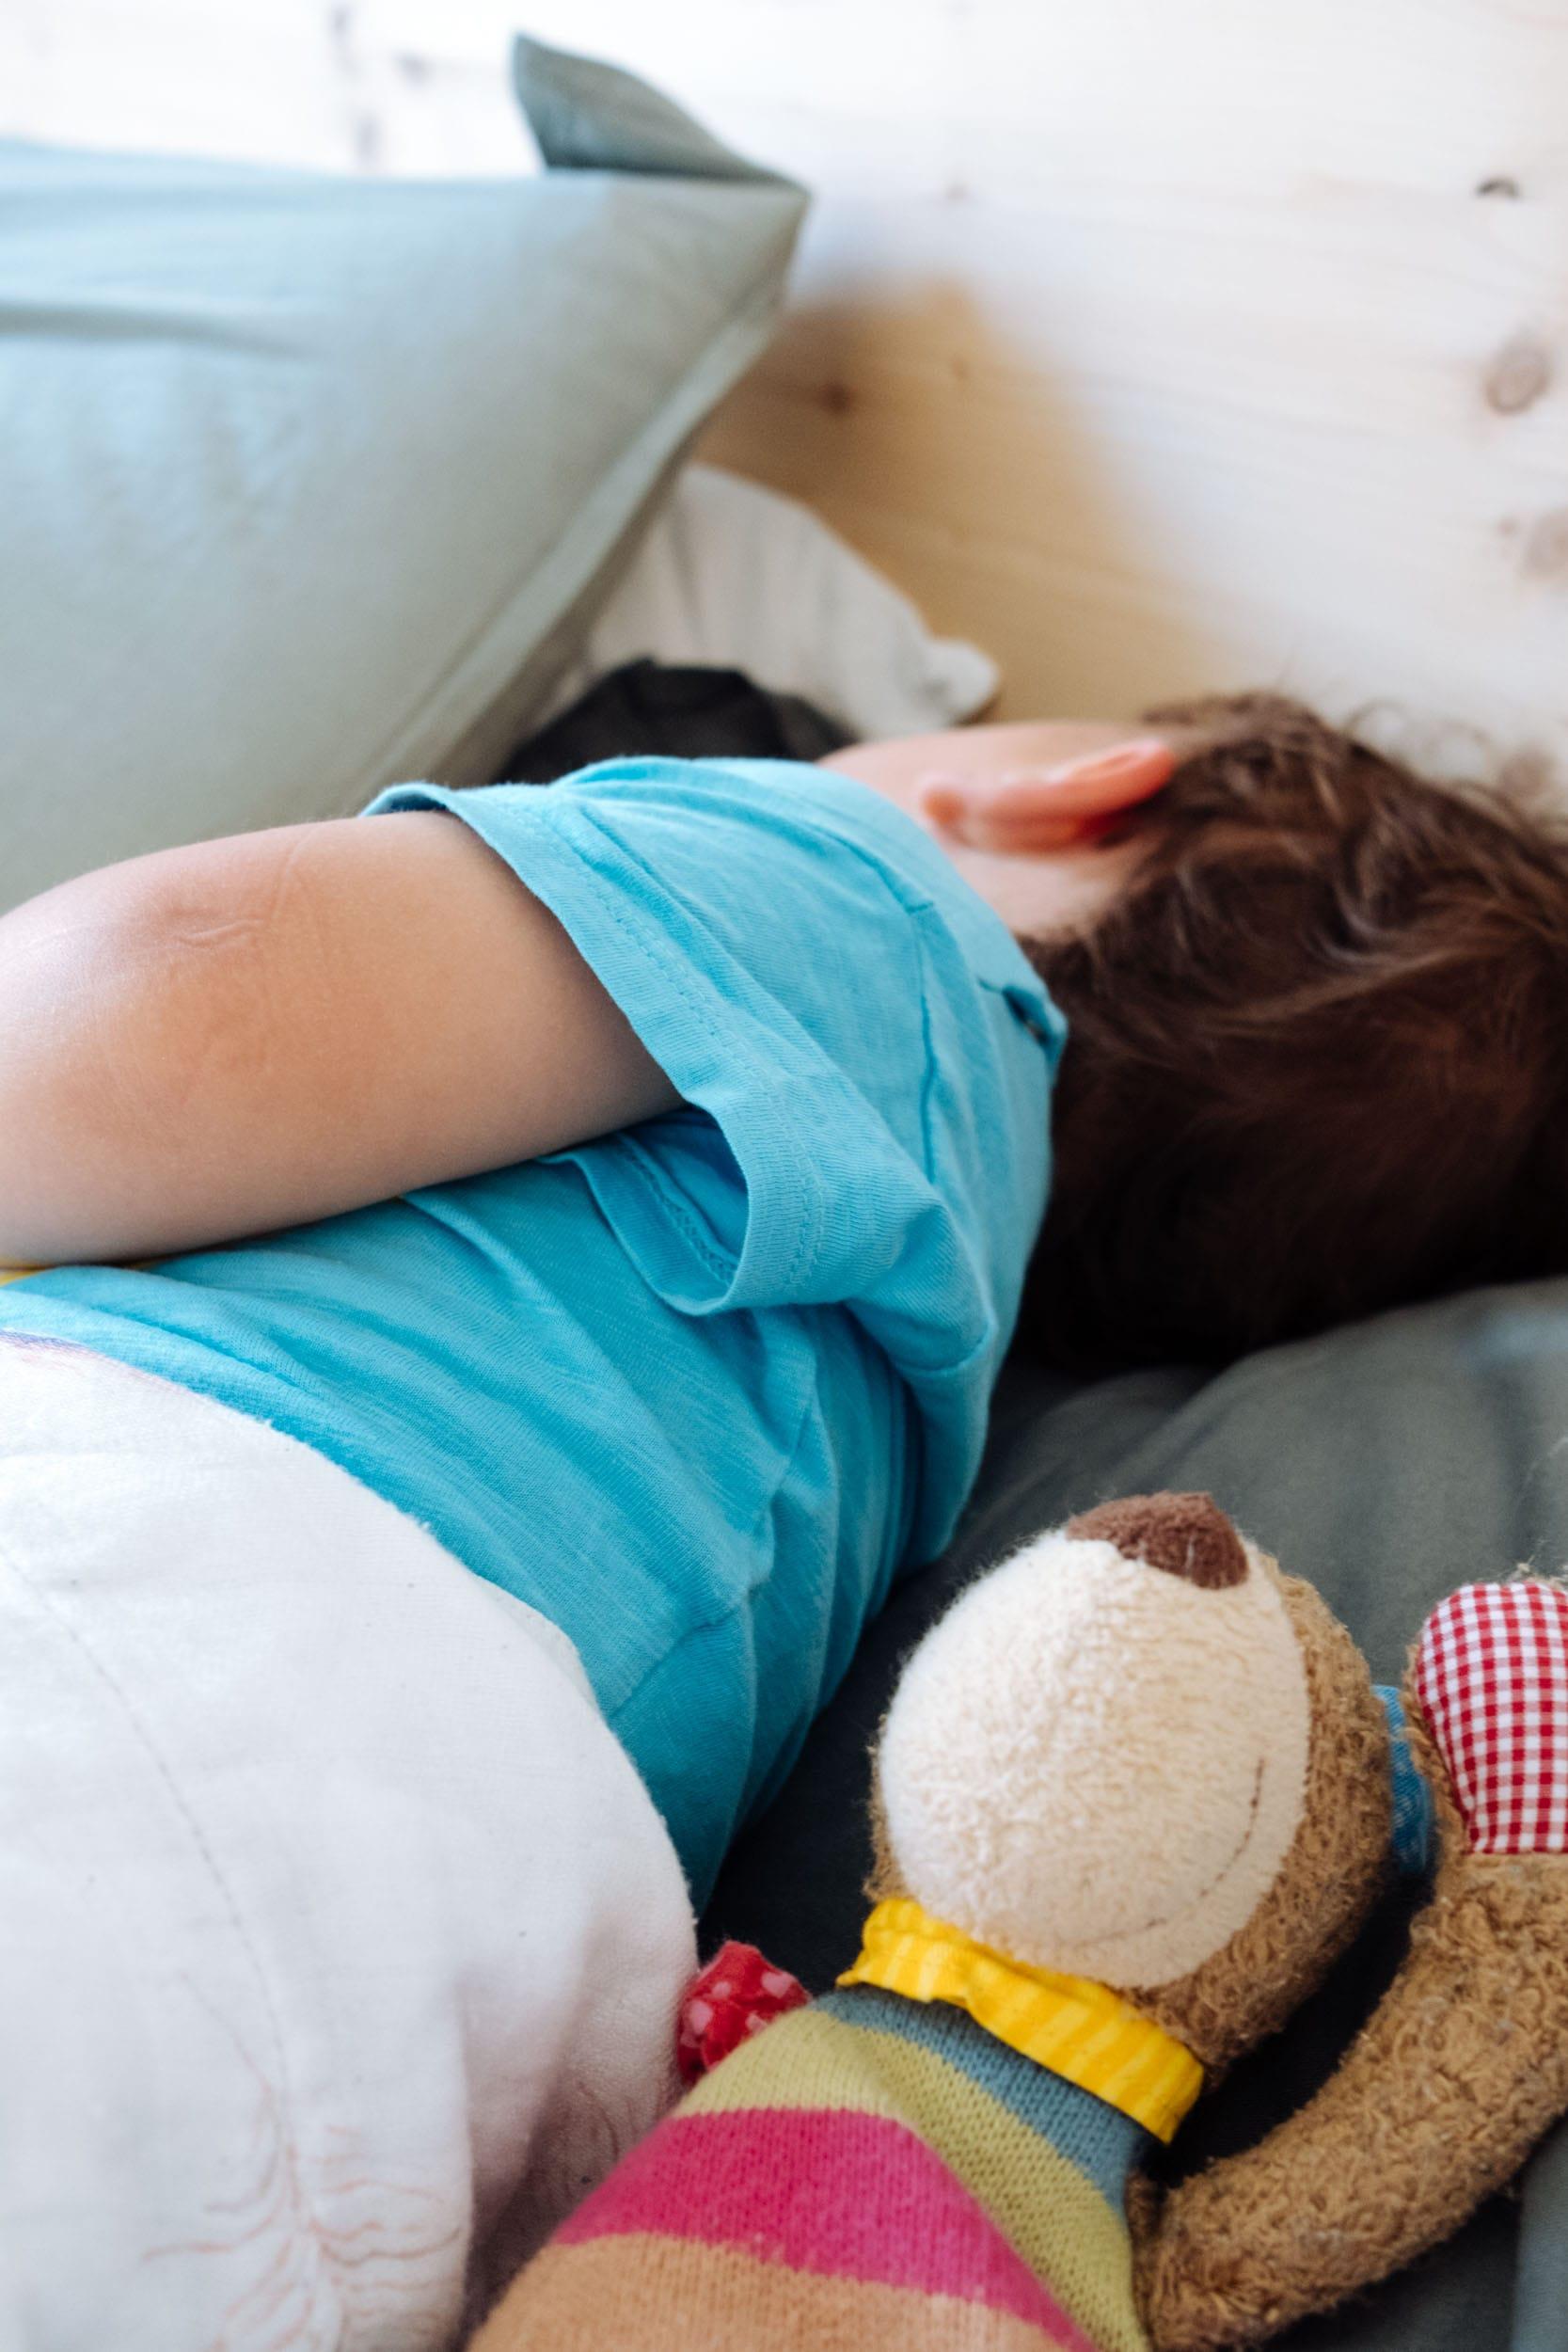 Schlafenszeit | Müde Kinder schlafen besser ein | Zubettgehen mit Kinder